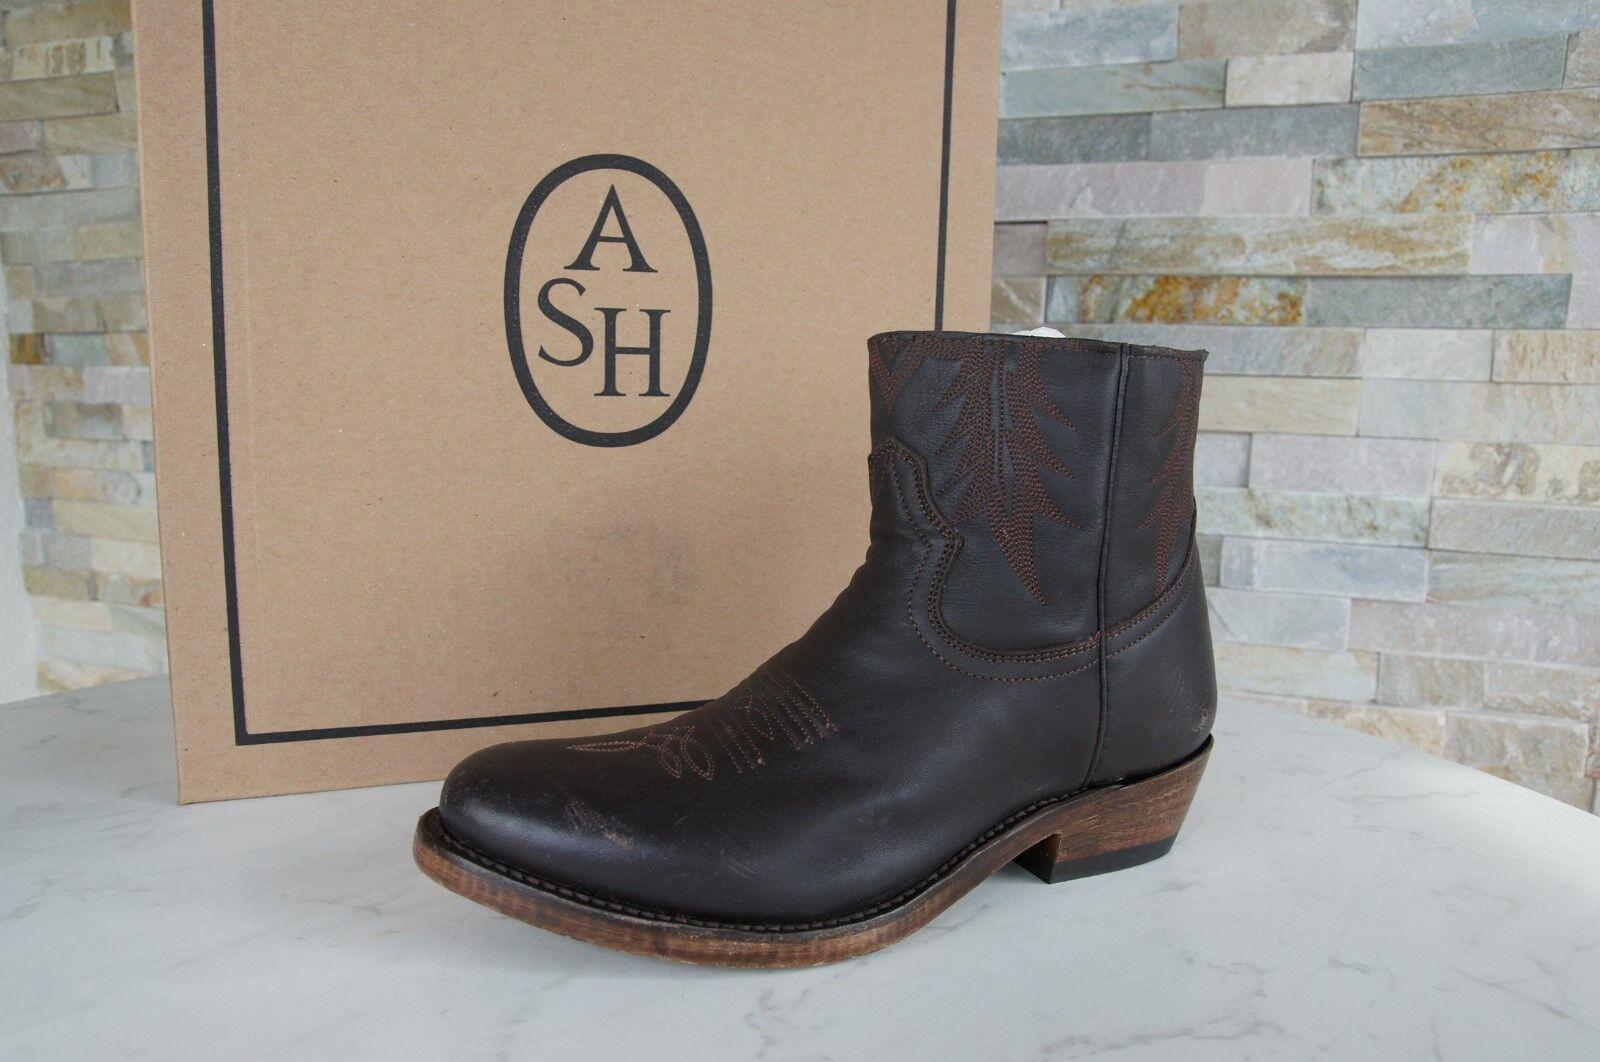 Ash Gr 38,5 Botas Zapatos Botines Vintage Country Príncipe Marrón Nuevo